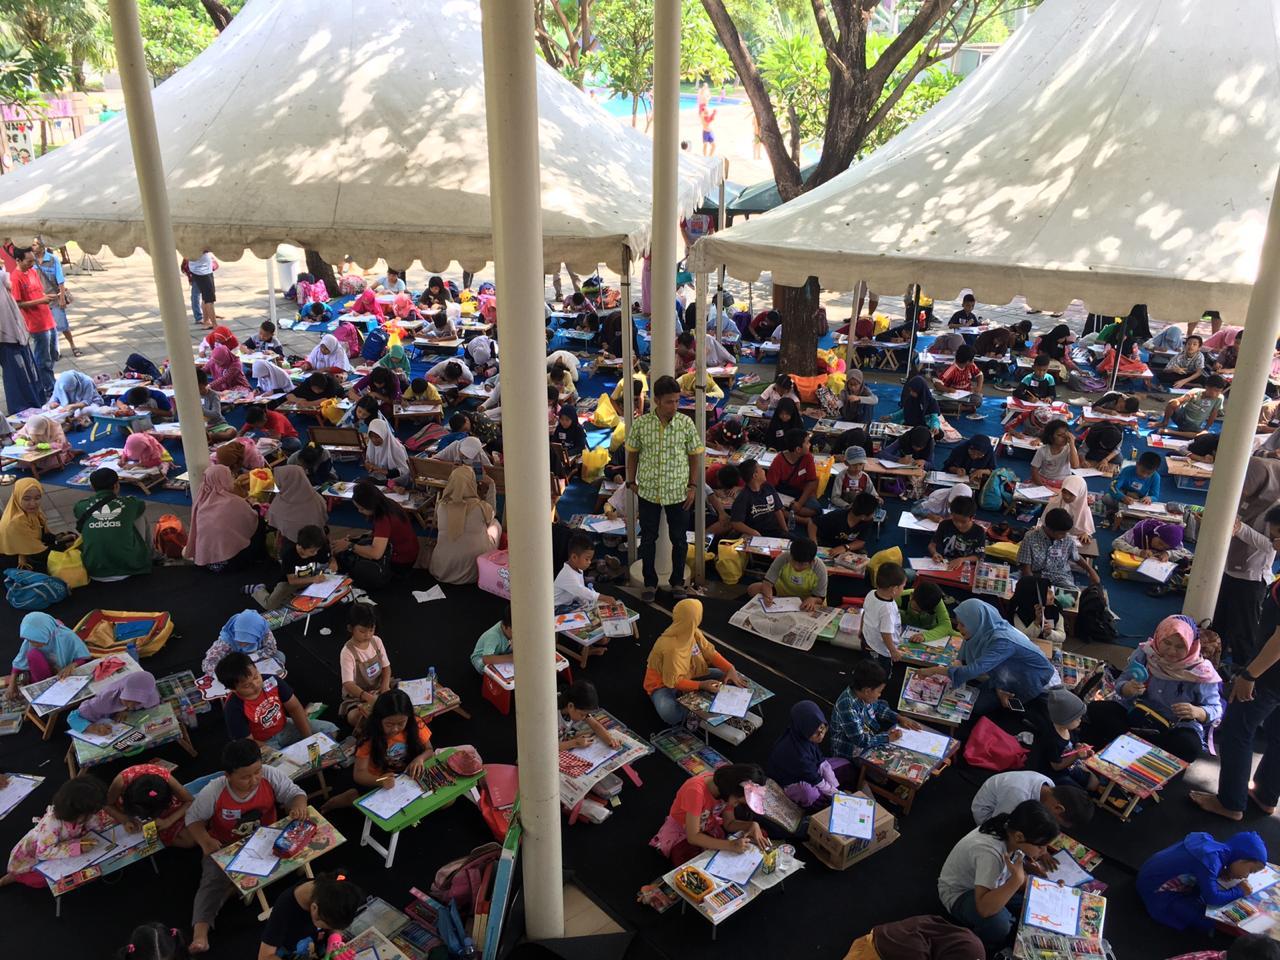 Hilo gelar HiLo School Drawing Competition tingkat bekasi di Go! Wet Waterpark Bekasi BEKASIMEDIA.COM